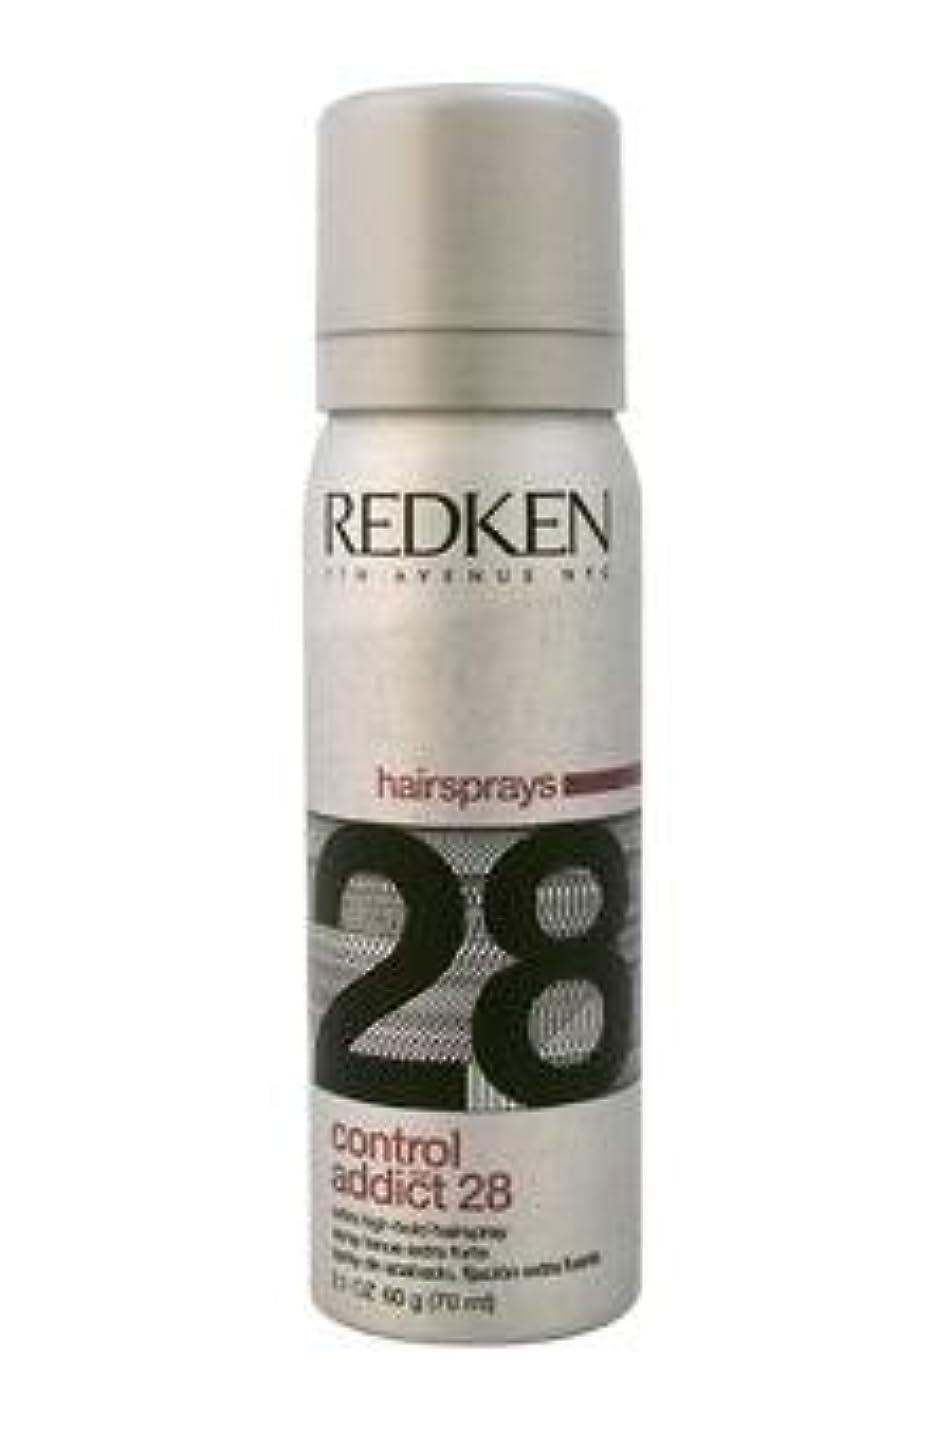 ルー透けるほんのREDKEN レッドケンコントロールアディクト28 /レッドケンエクストラハイホールド髪2.0オズスプレー(57)ML) 2オンス